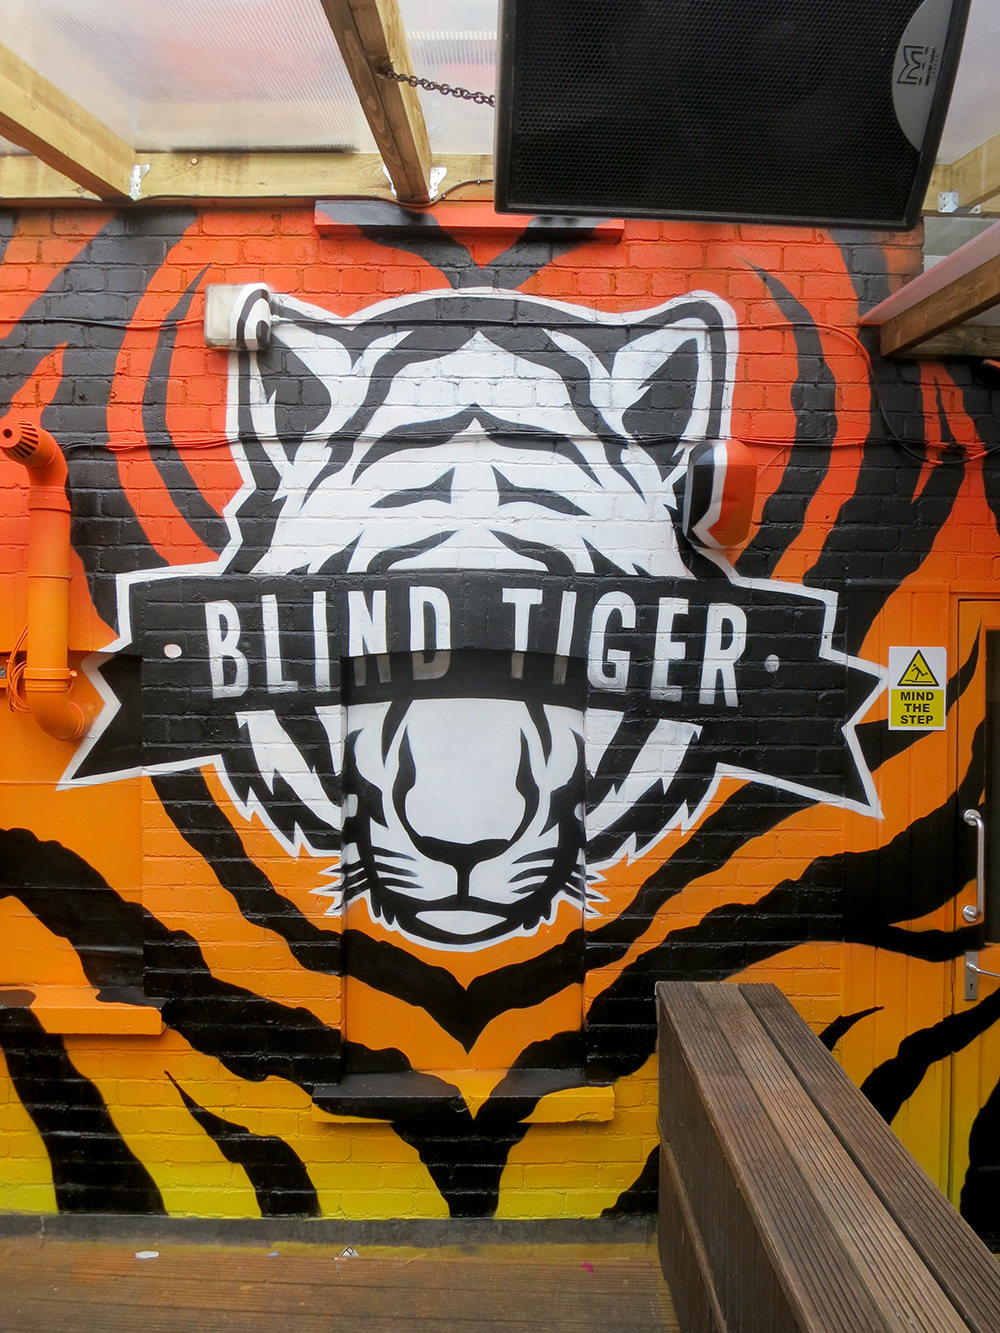 blindtiger-graffiti-art-mural-newport-cardiff